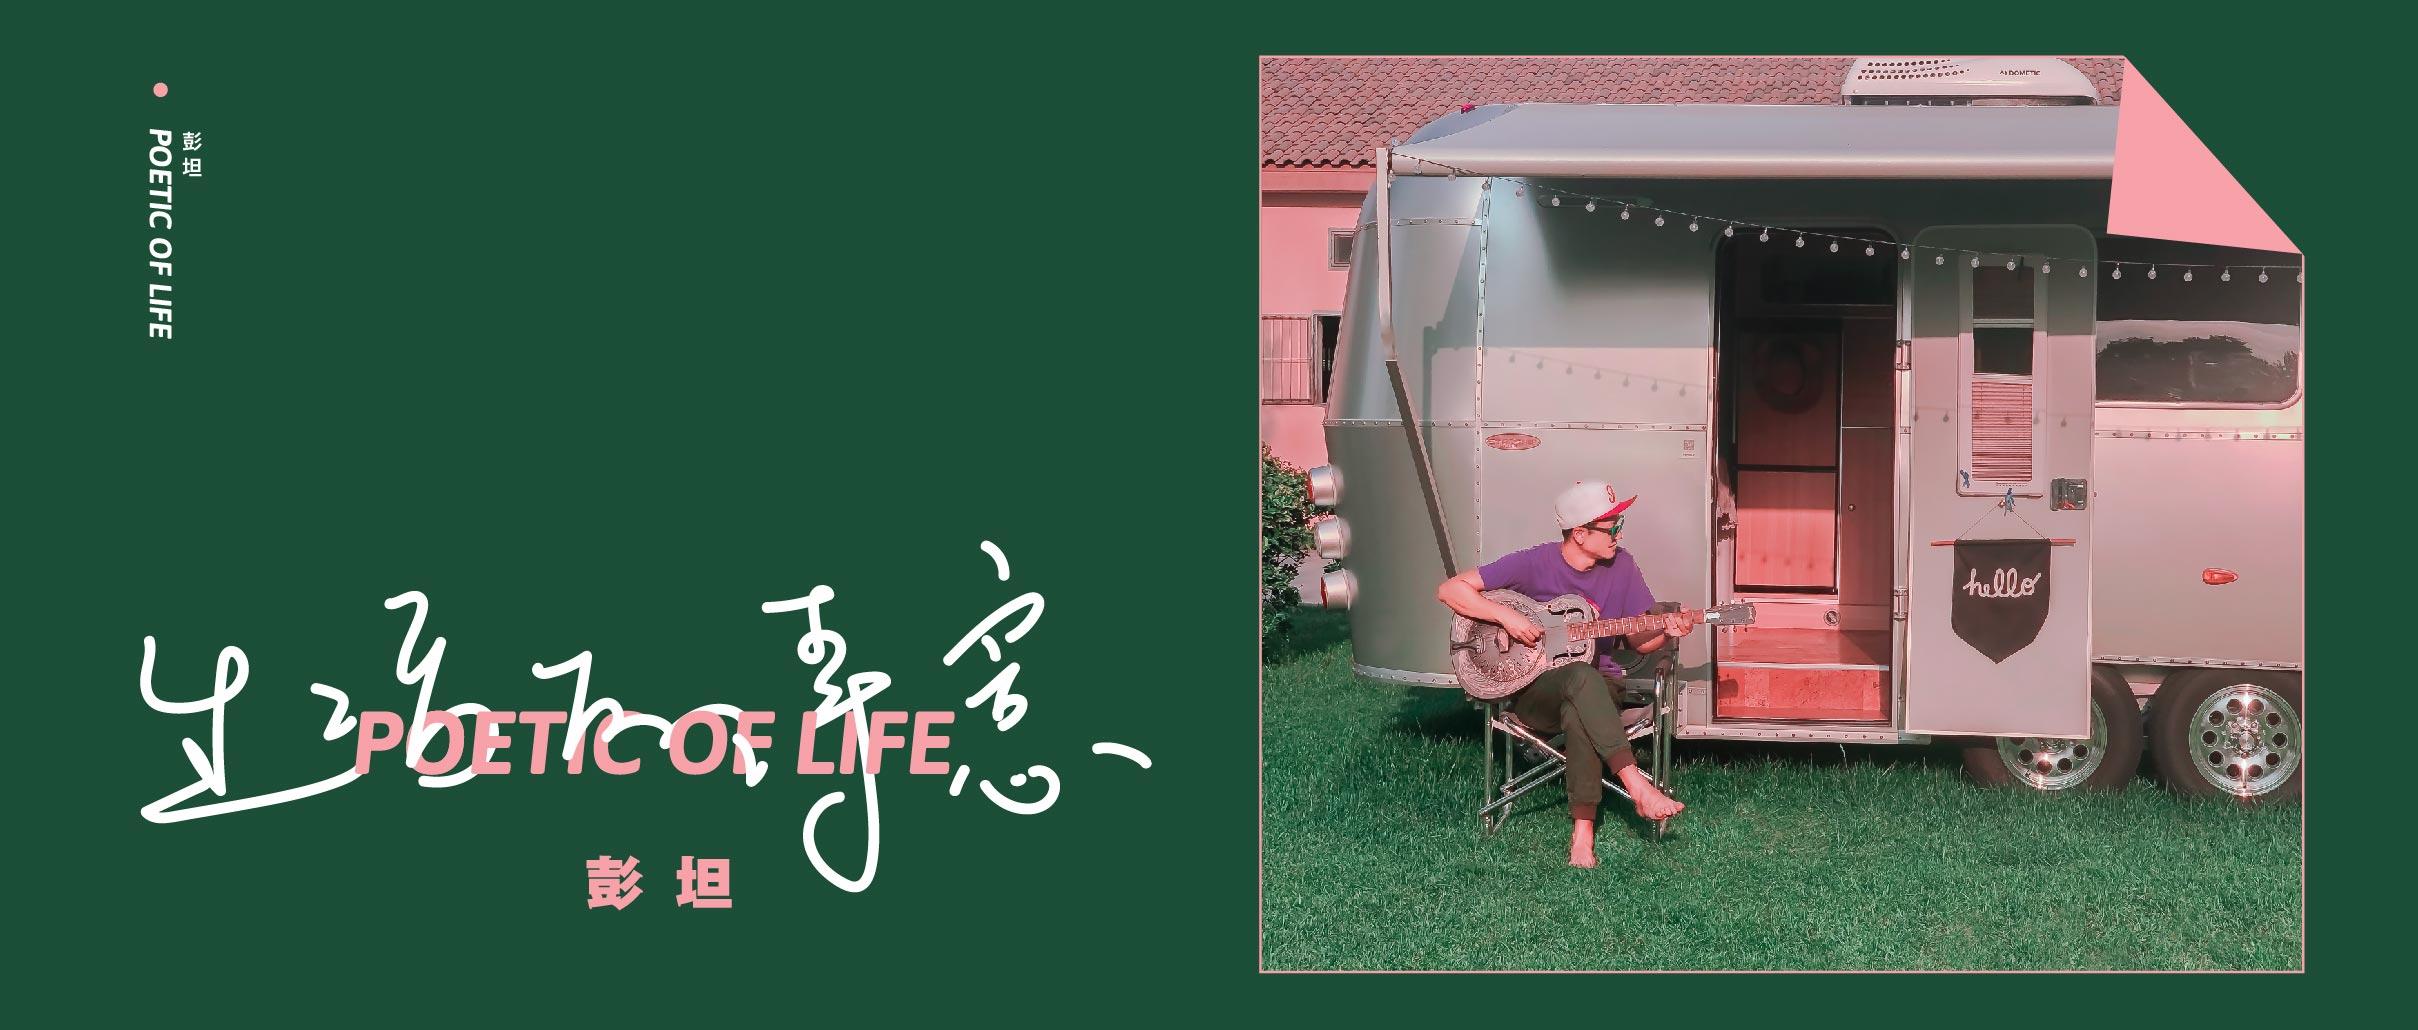 彭坦发布全新个人单曲《生活的诗意》